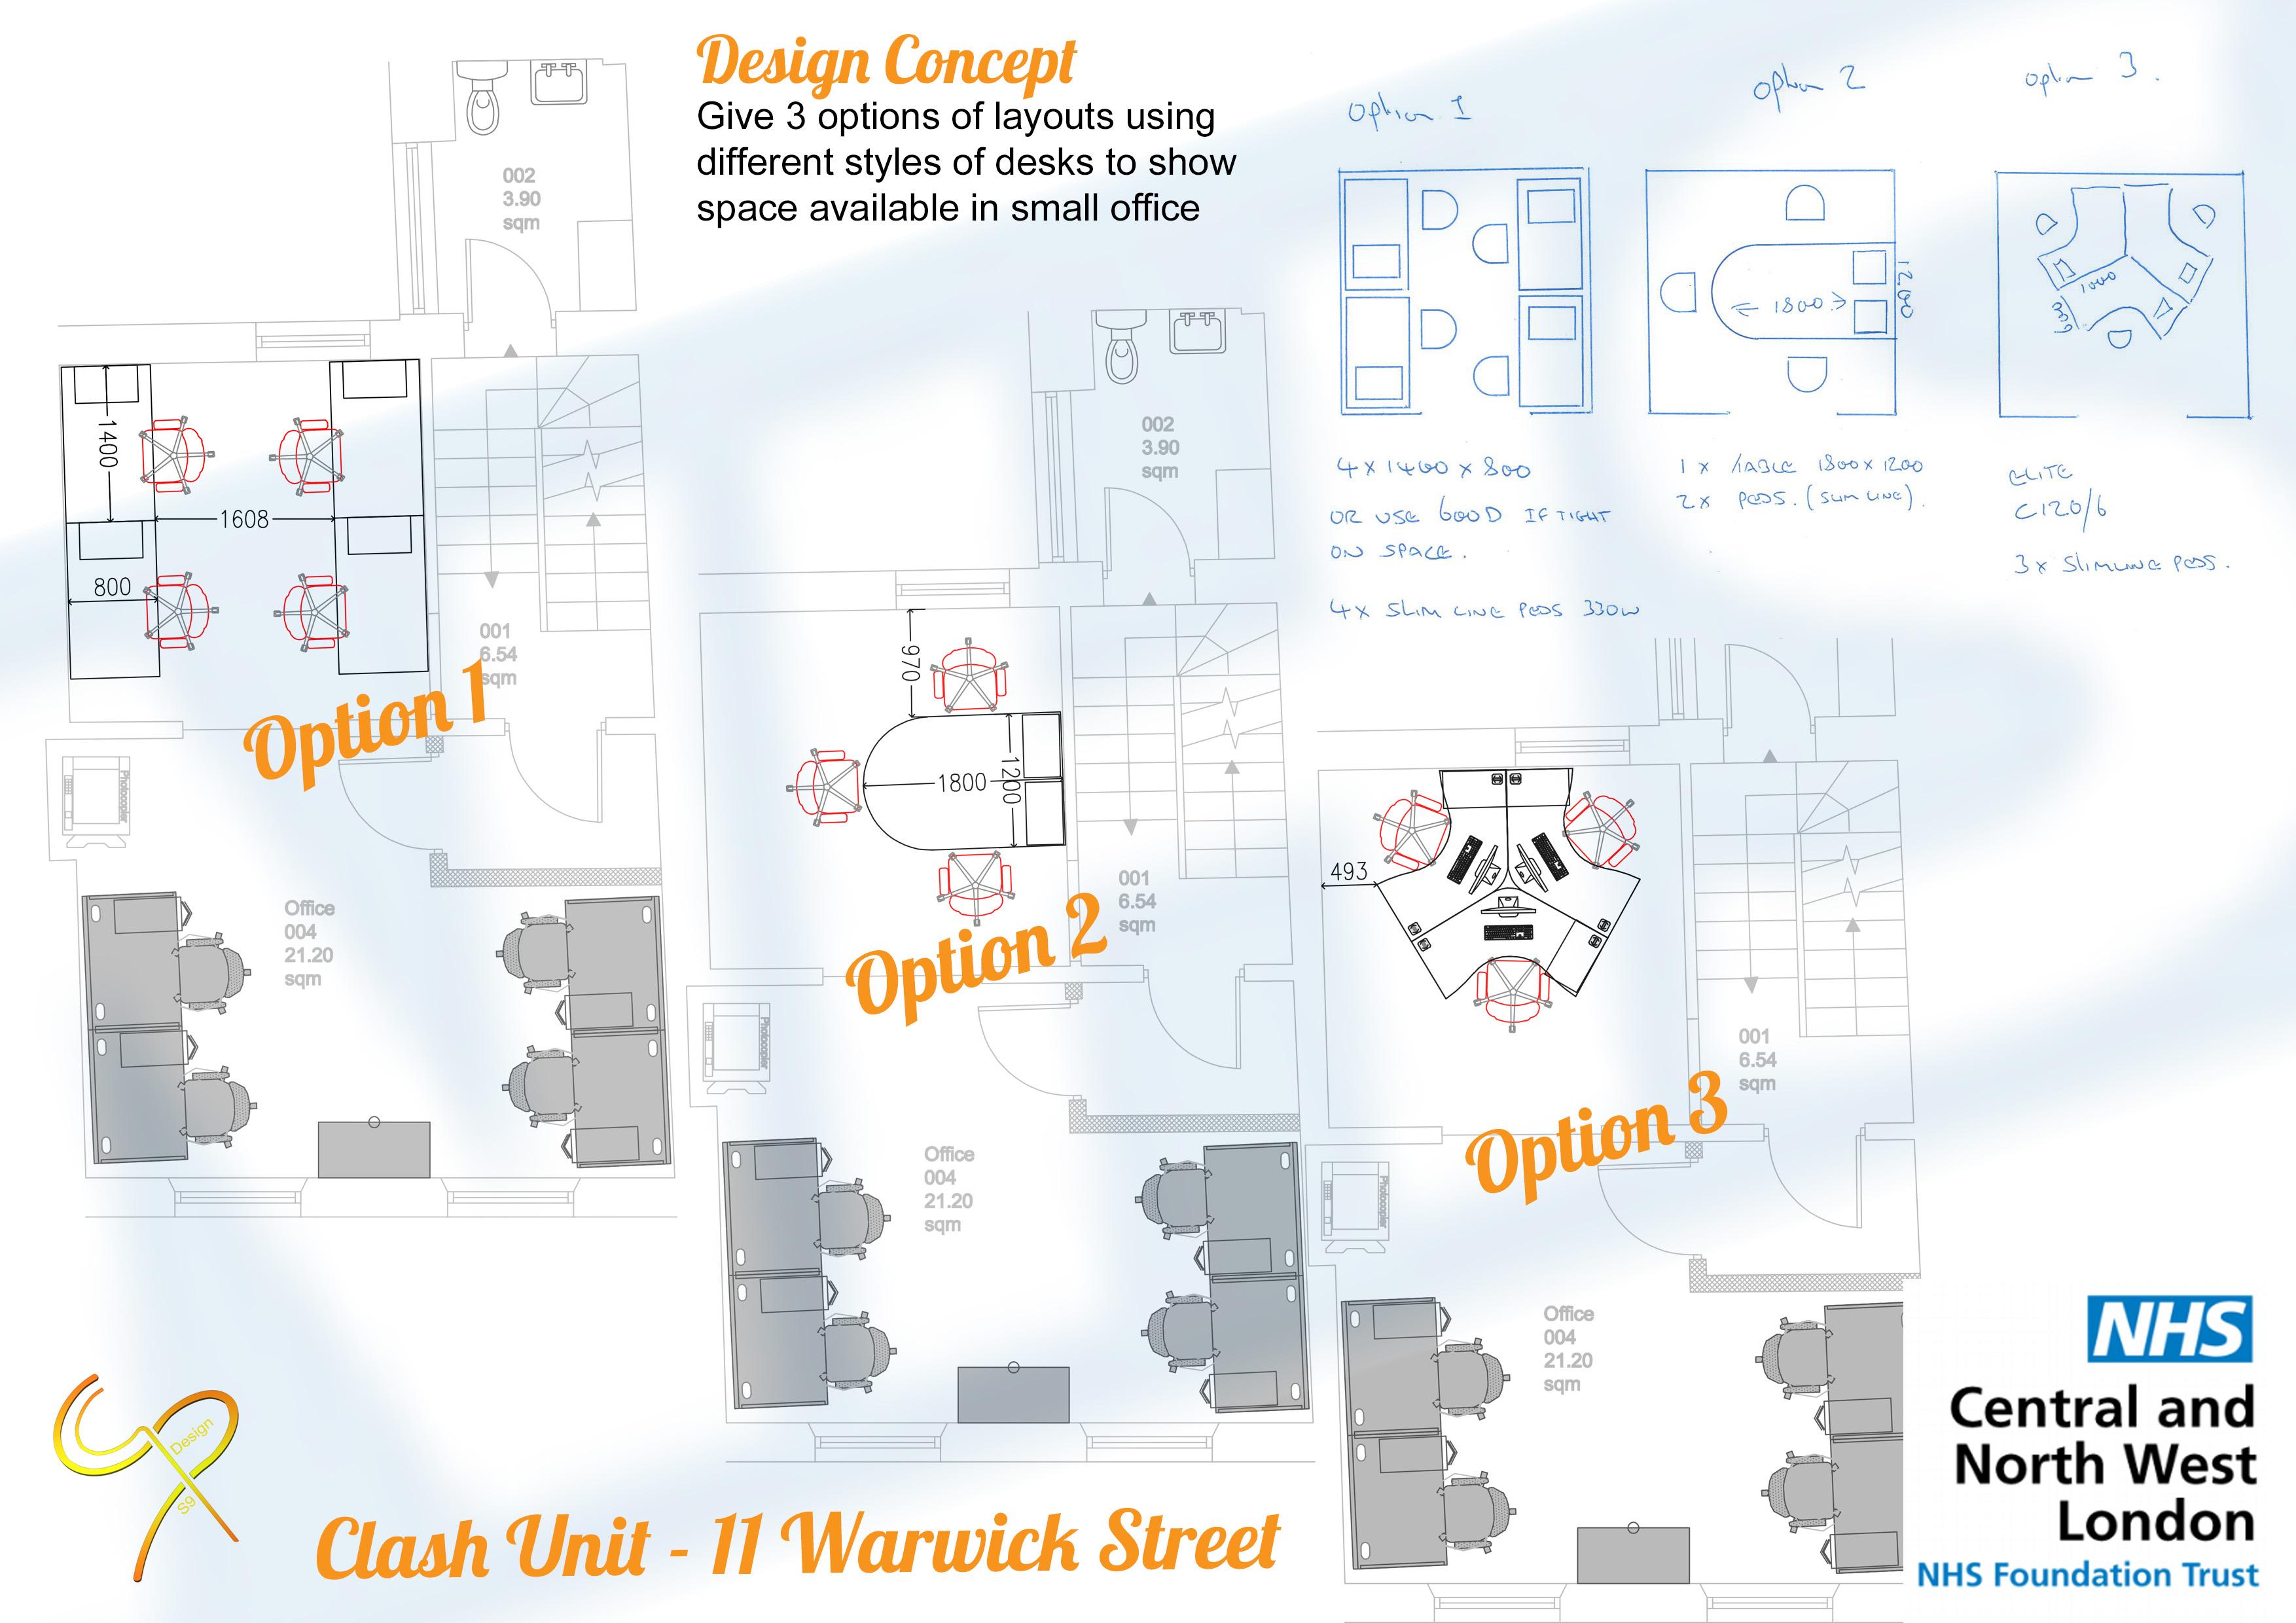 CNWL - Clash Unit - 11 Warwick Street